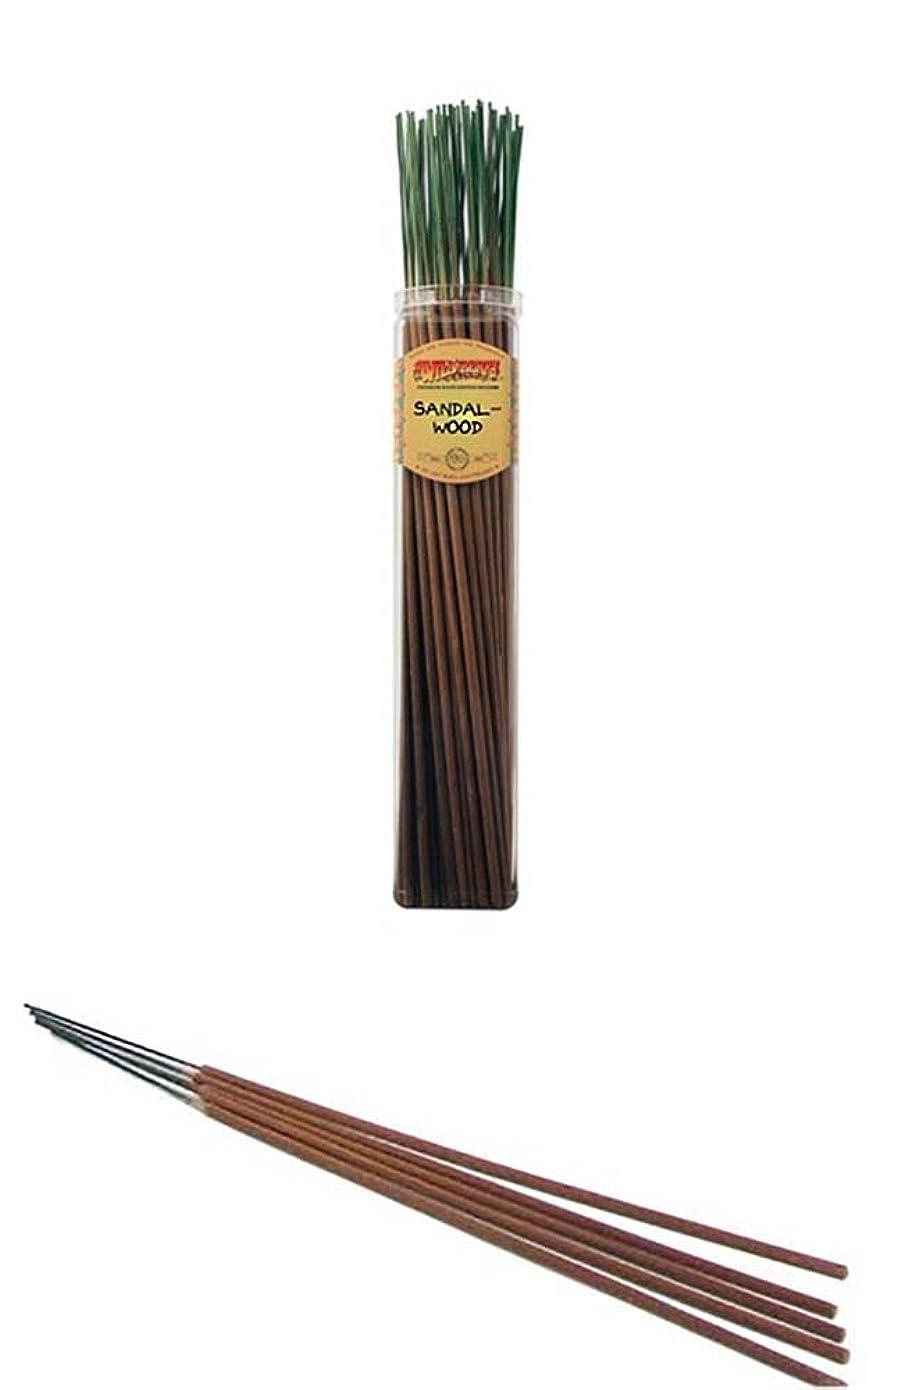 話すチョップ展望台サンダルウッド?–?Wild Berry Highly Fragranced Large Incense Sticks